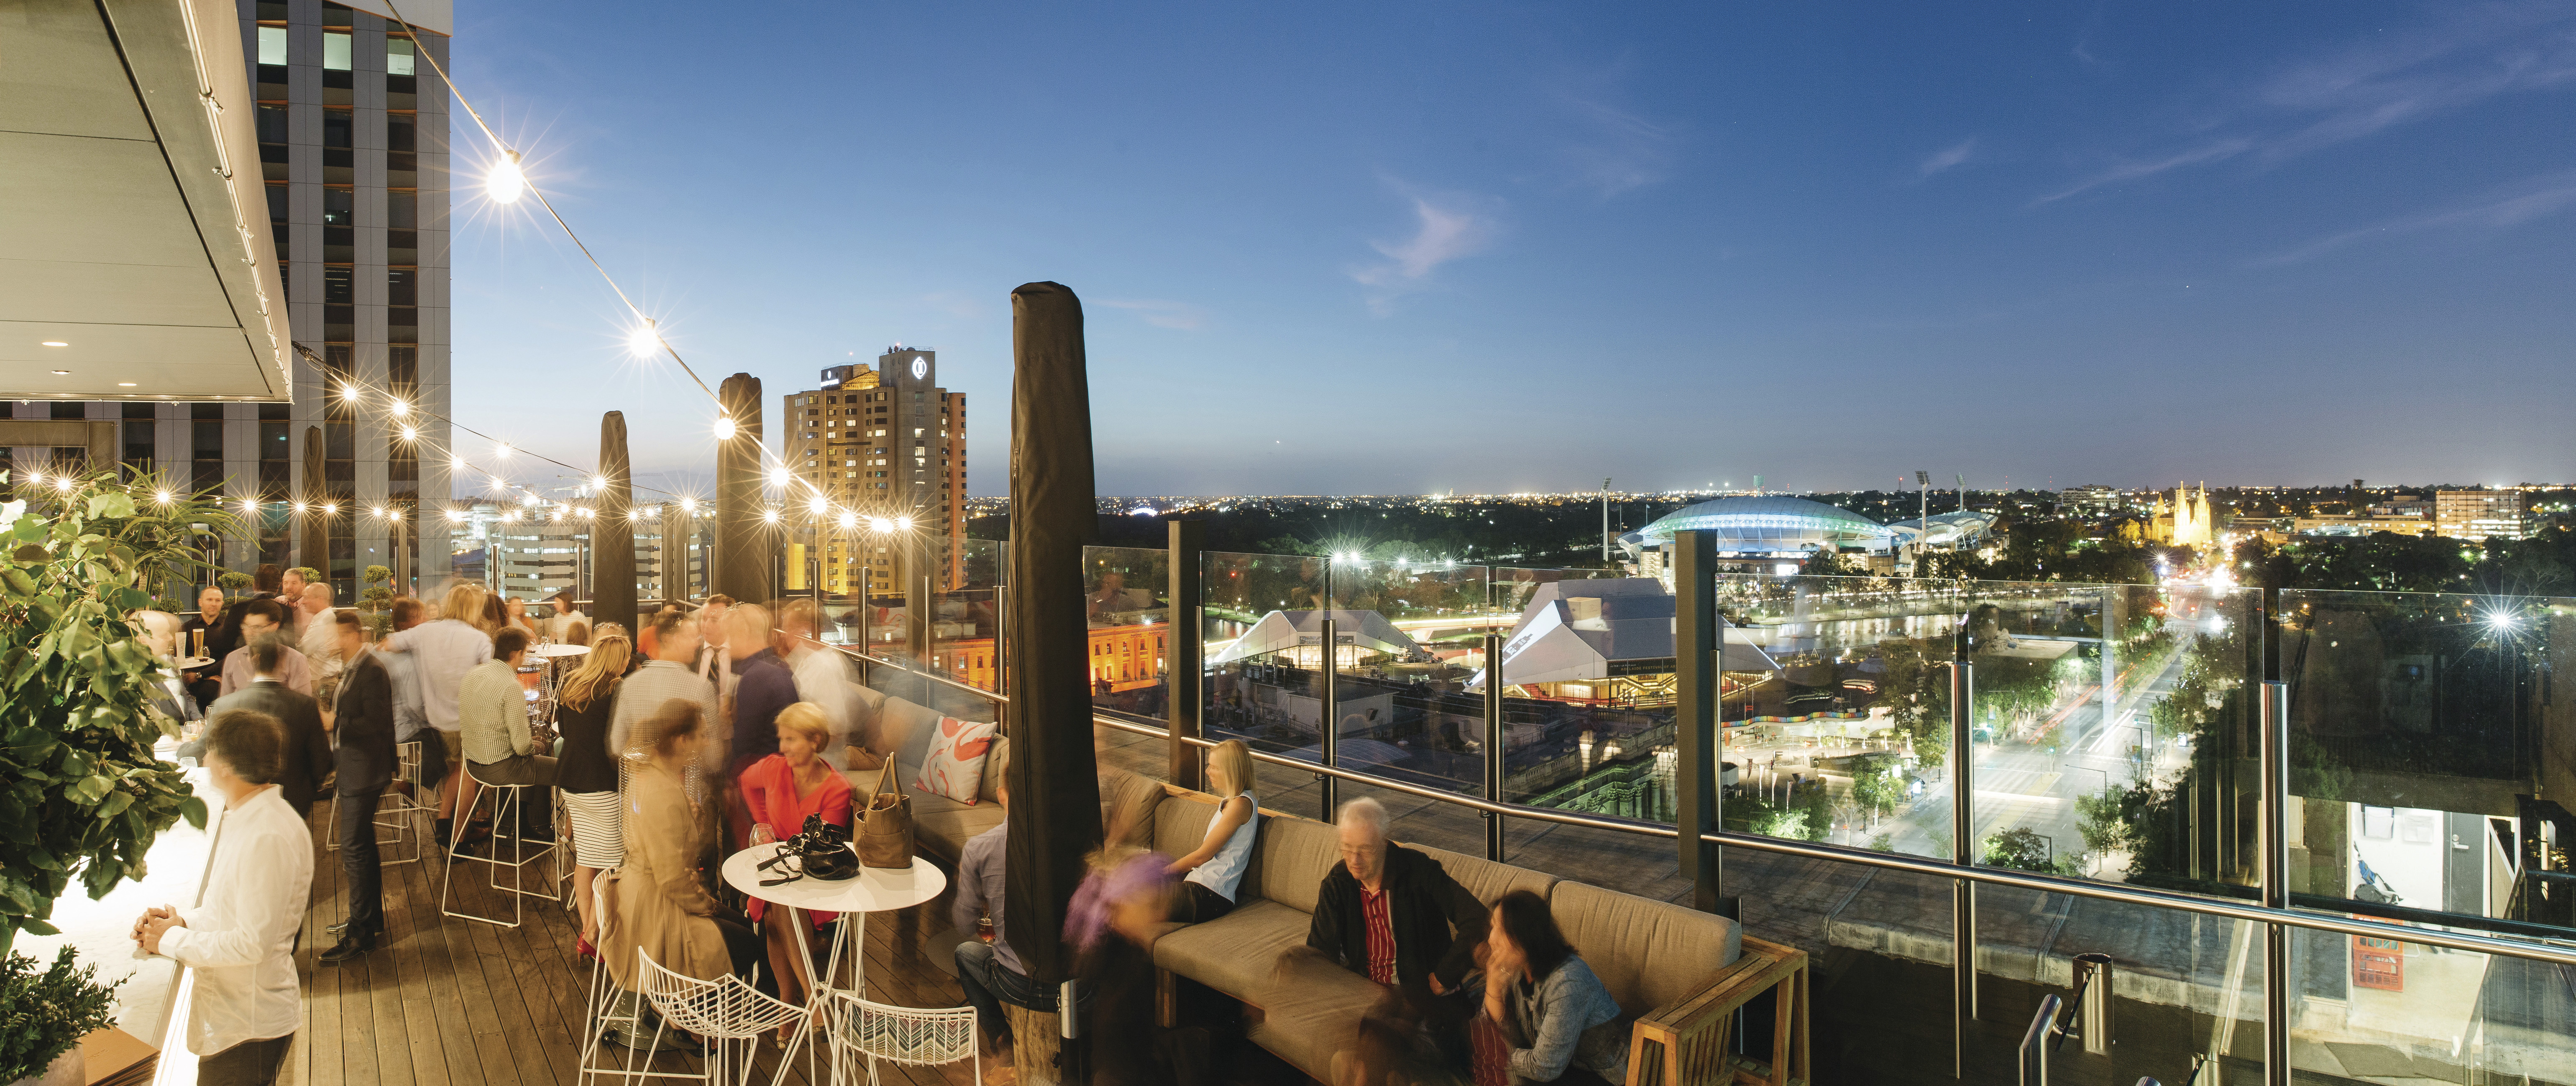 Kw Restaurant Adelaide